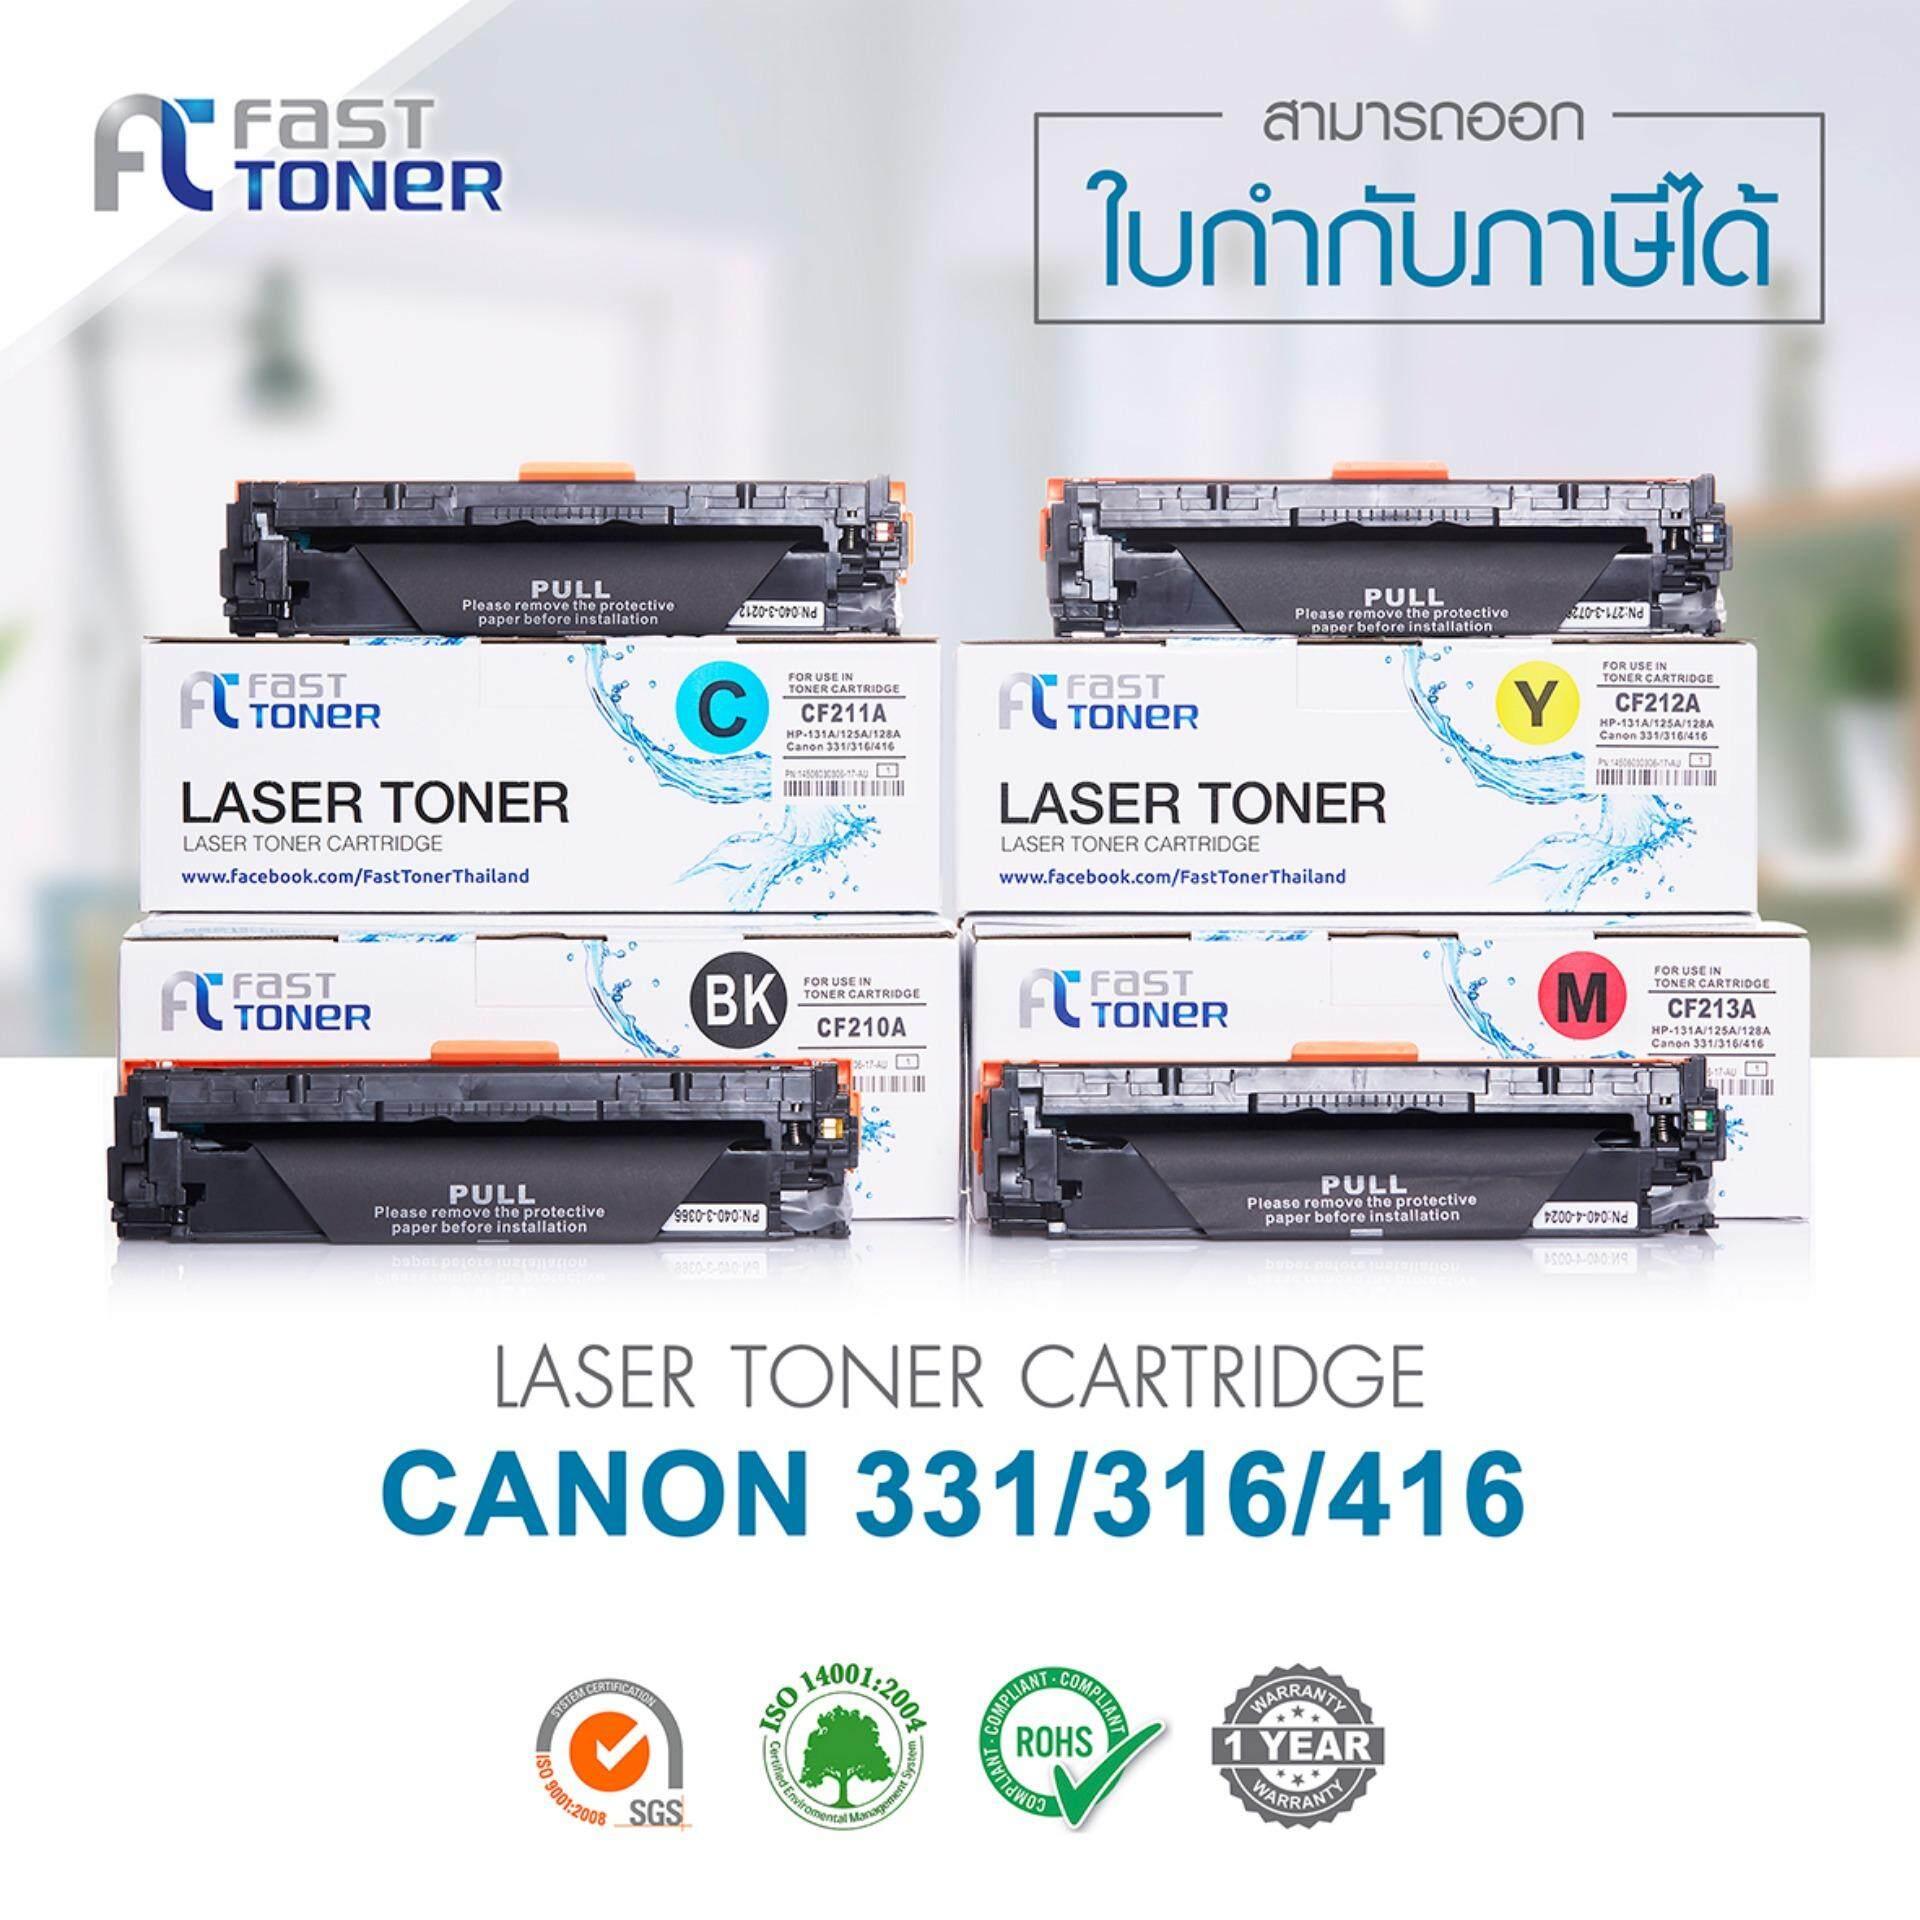 ราคา Fast Toner Canon ตลับหมึกเทียบเท่า Canon Cartridge 331 ชุด 4 สี สีดำ สีฟ้า สีเหลือง สีแดง สำหรับปริ๊นเตอร์เลเซอร์ Hp Laserjet Pro 200 Color M251Nw M276 Canon Laser Shot Lbp 7100 7110 Fast Toner เป็นต้นฉบับ